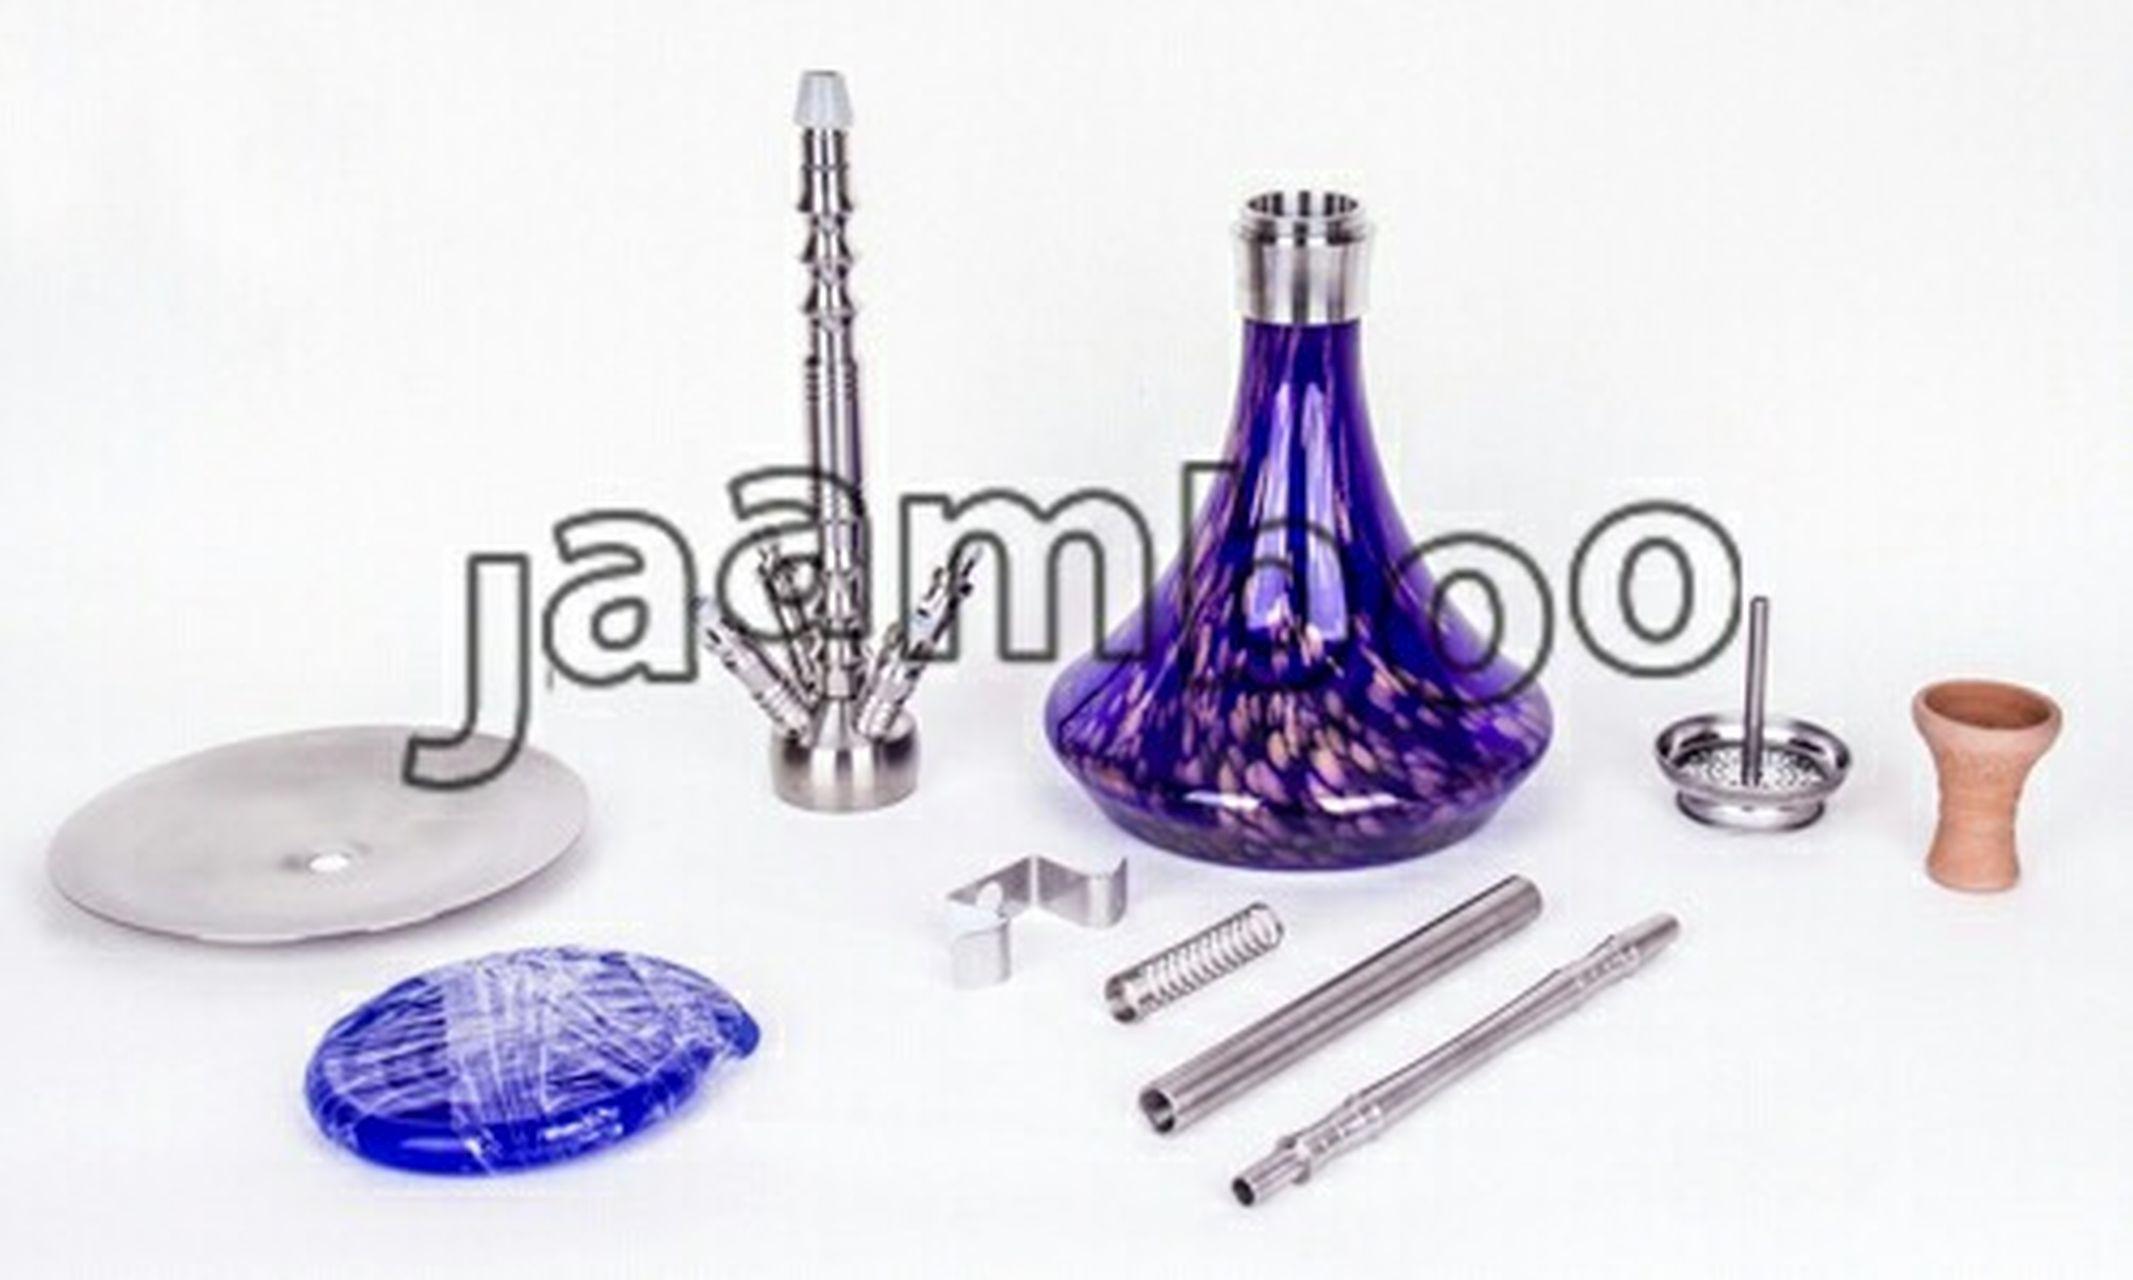 SHISHA JAAMBOO SM136-BLAU 3